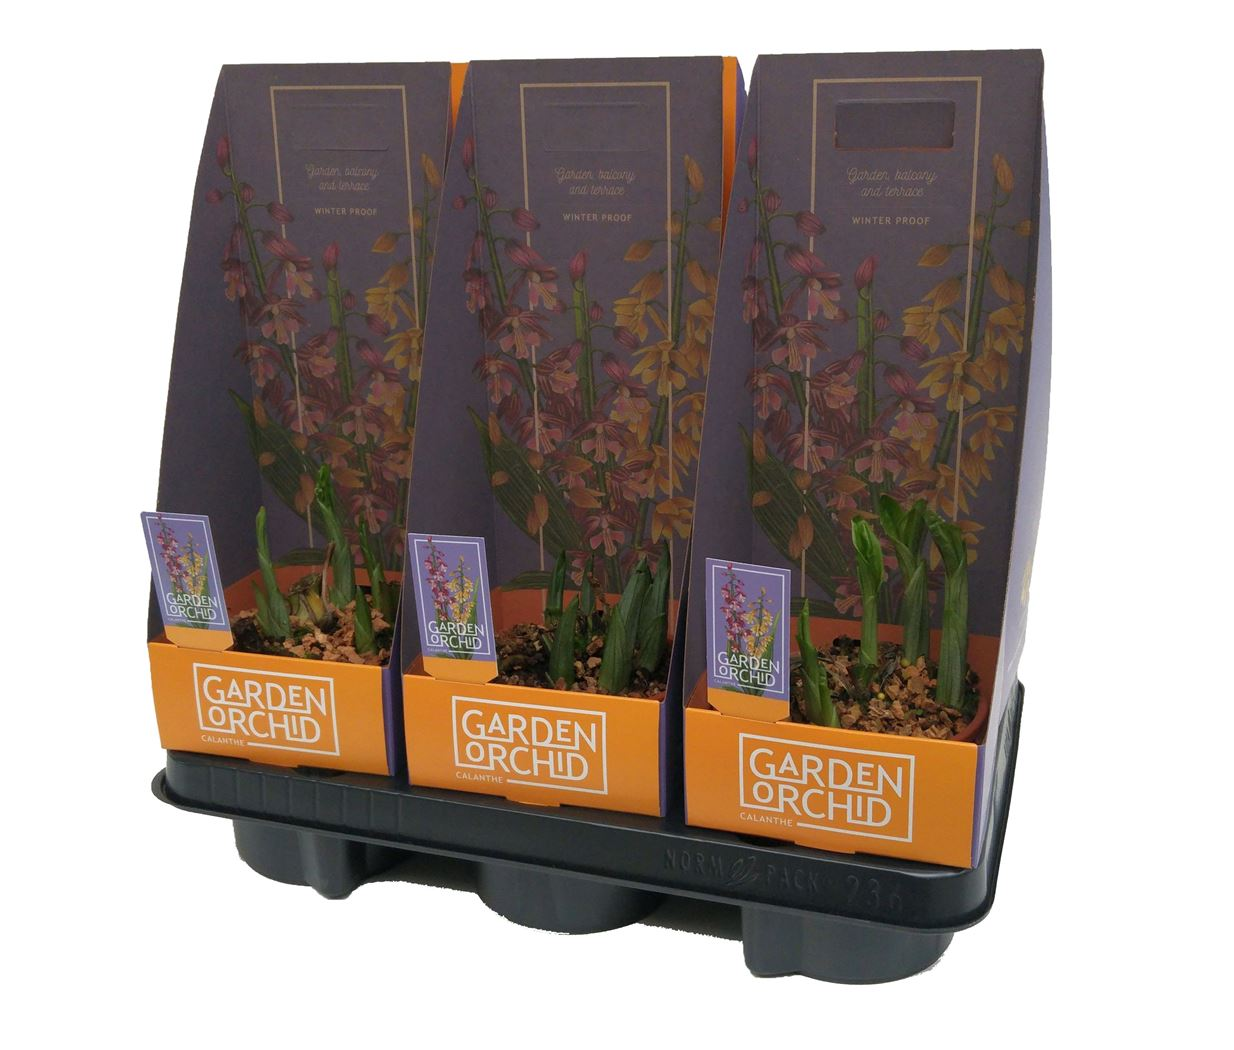 garden orchid calanthe (tuinorchidee)